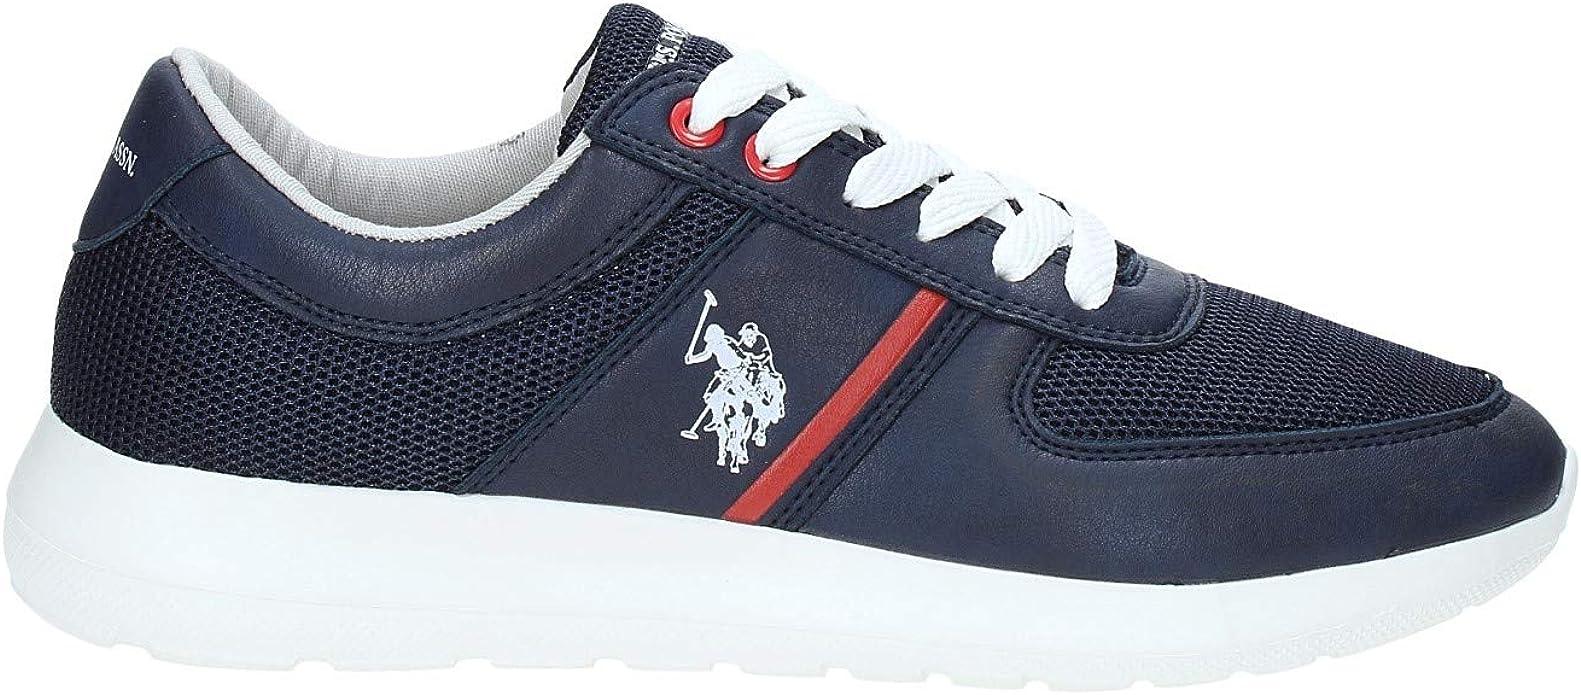 U.s. polo assn. FAREL4027S9/MY1 Zapatos Hombre Azul 41: Amazon.es ...